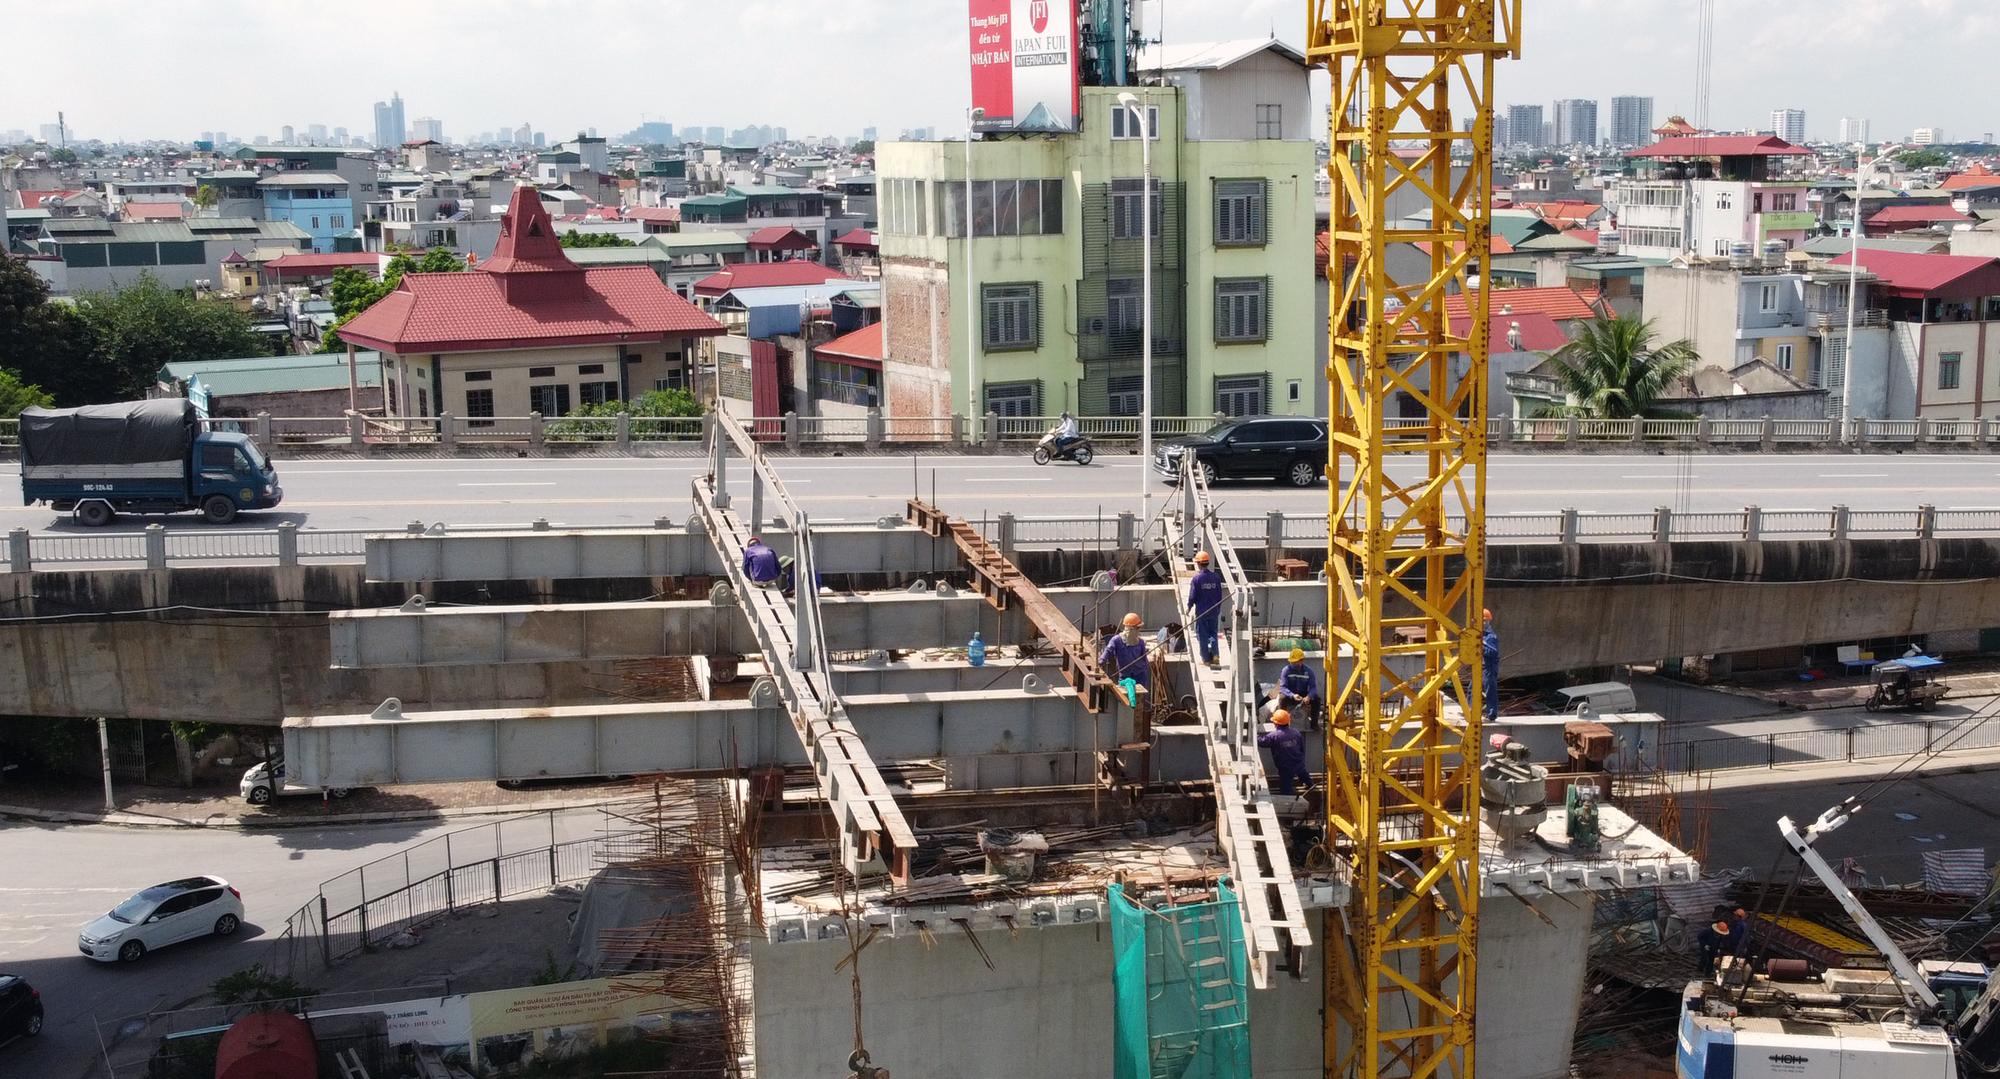 Hình ảnh dự án giao thông trọng điểm của Hà Nội thi công khi giãn cách xã hội - Ảnh 7.